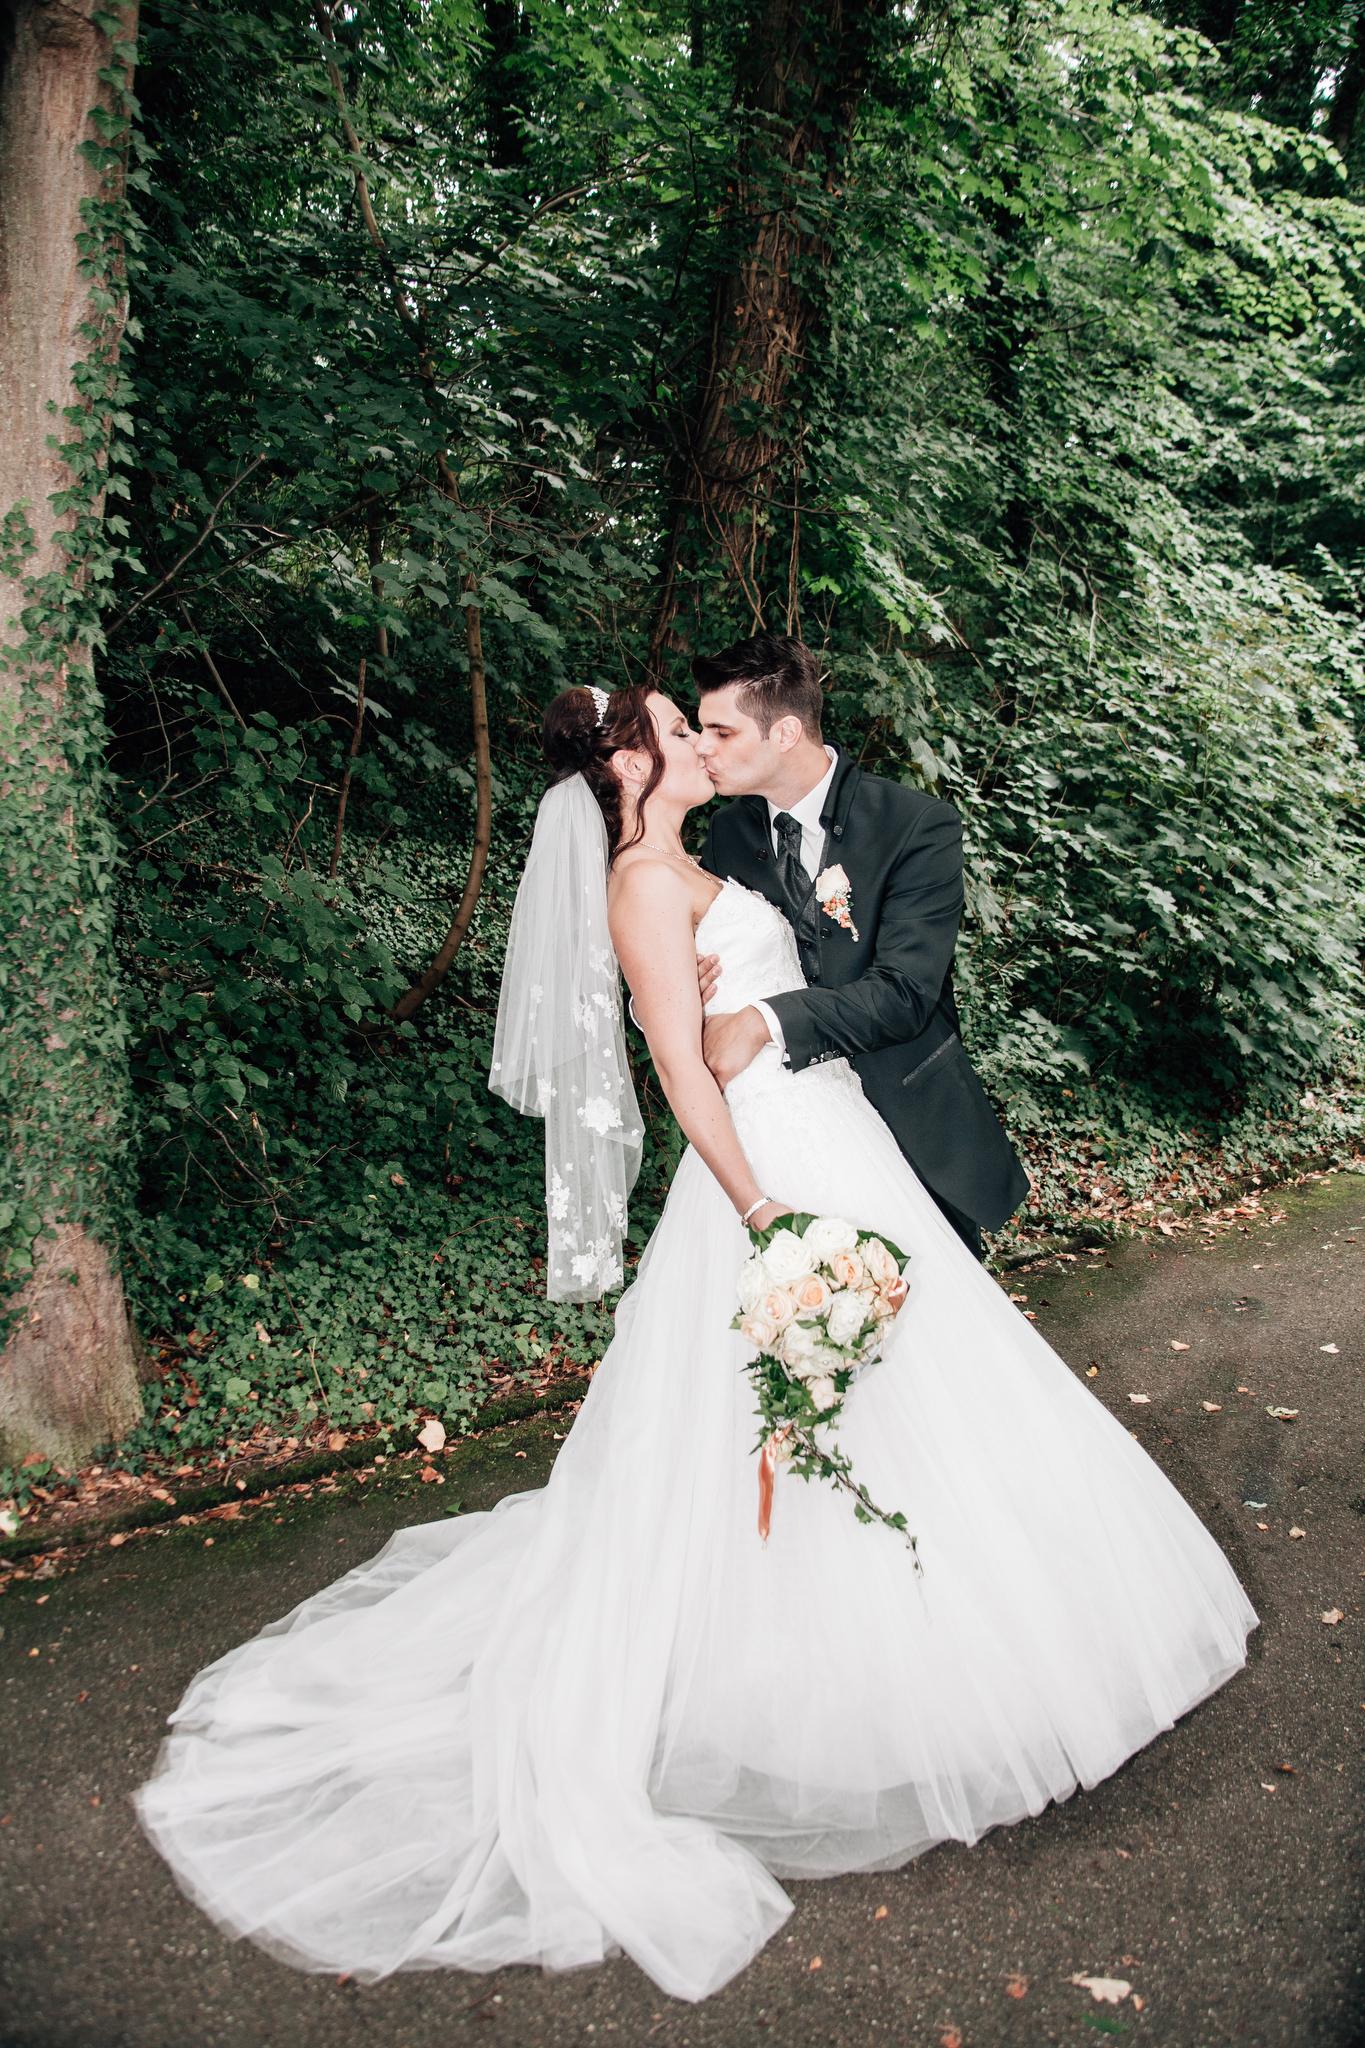 Claudia Krawinkel Fotografie Hochzeitsfotografie Hochzeit Blumenhalle im Brückenkopfpark Jülich Essen Düsseldorf Bochum Dortmund Mönchengladbach NRW Ruhrgebiet 74